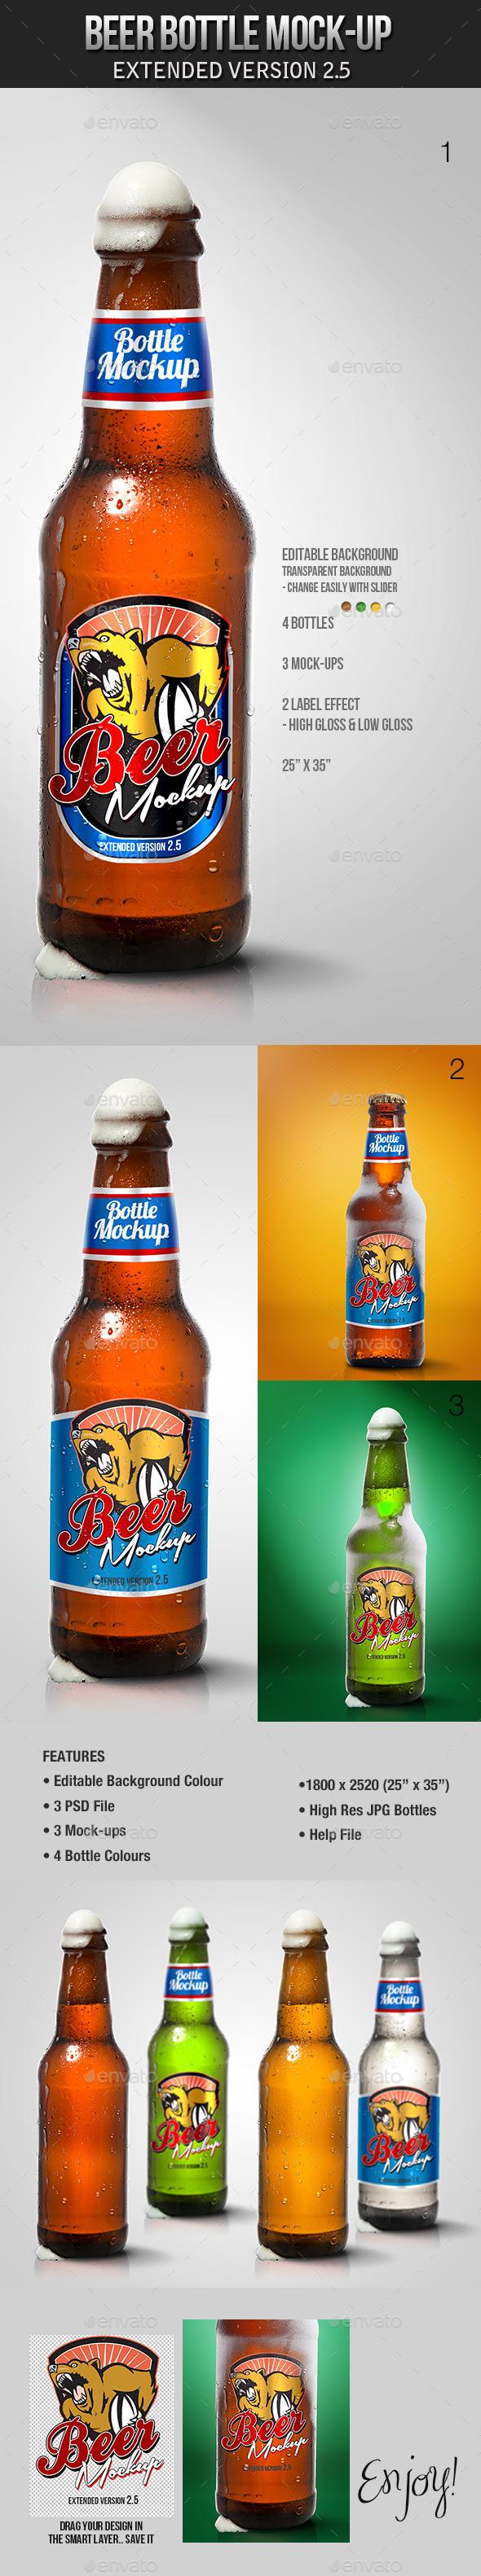 Beer Bottle Mockup V2.5